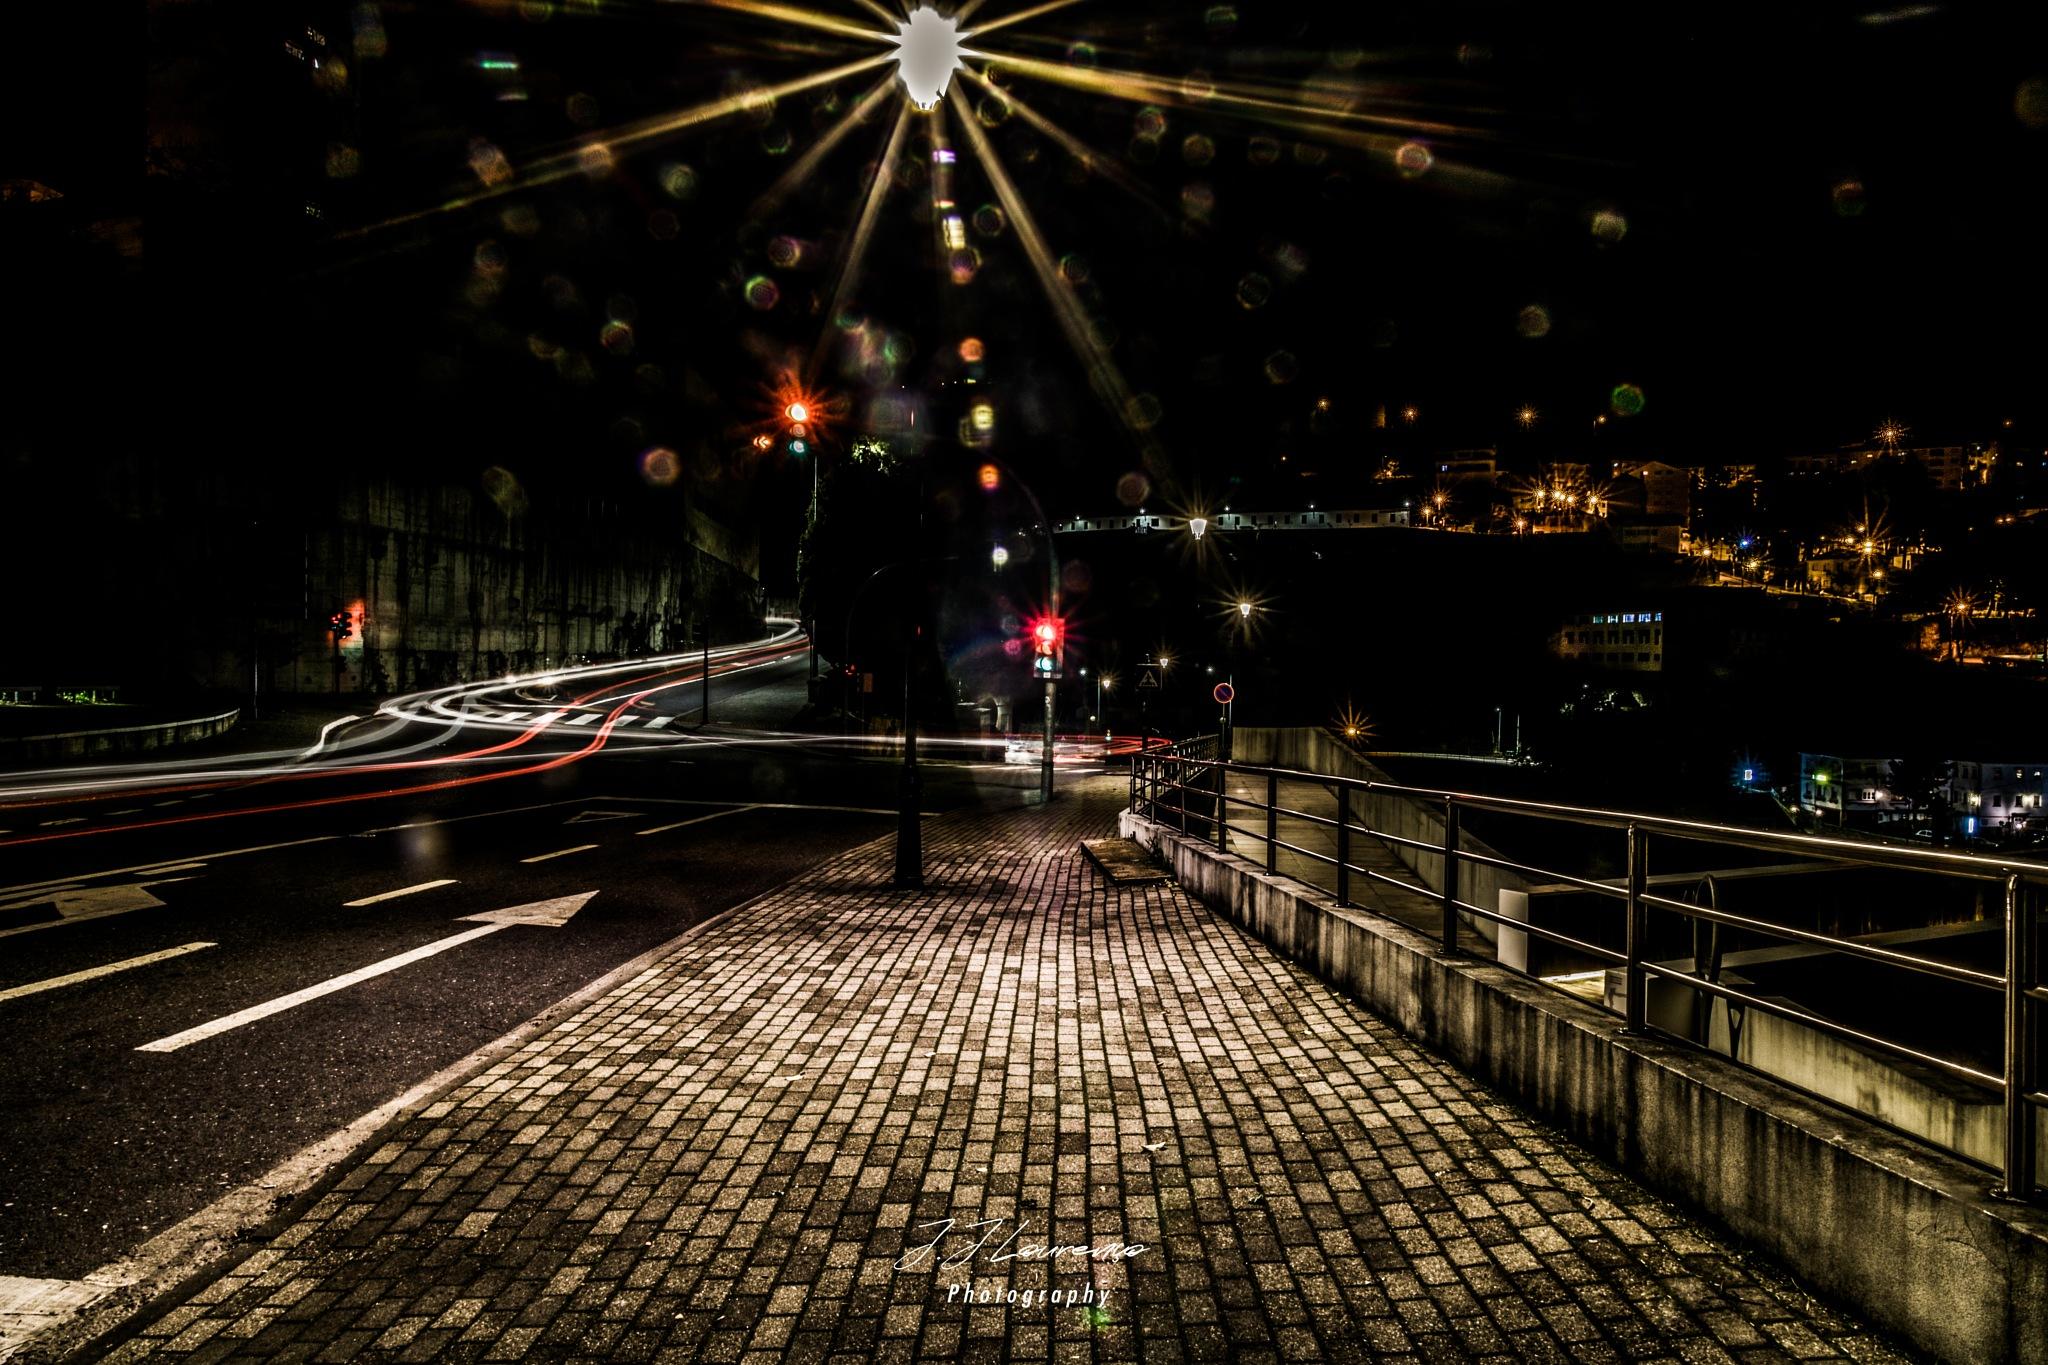 City night flares  by João José Lourenço